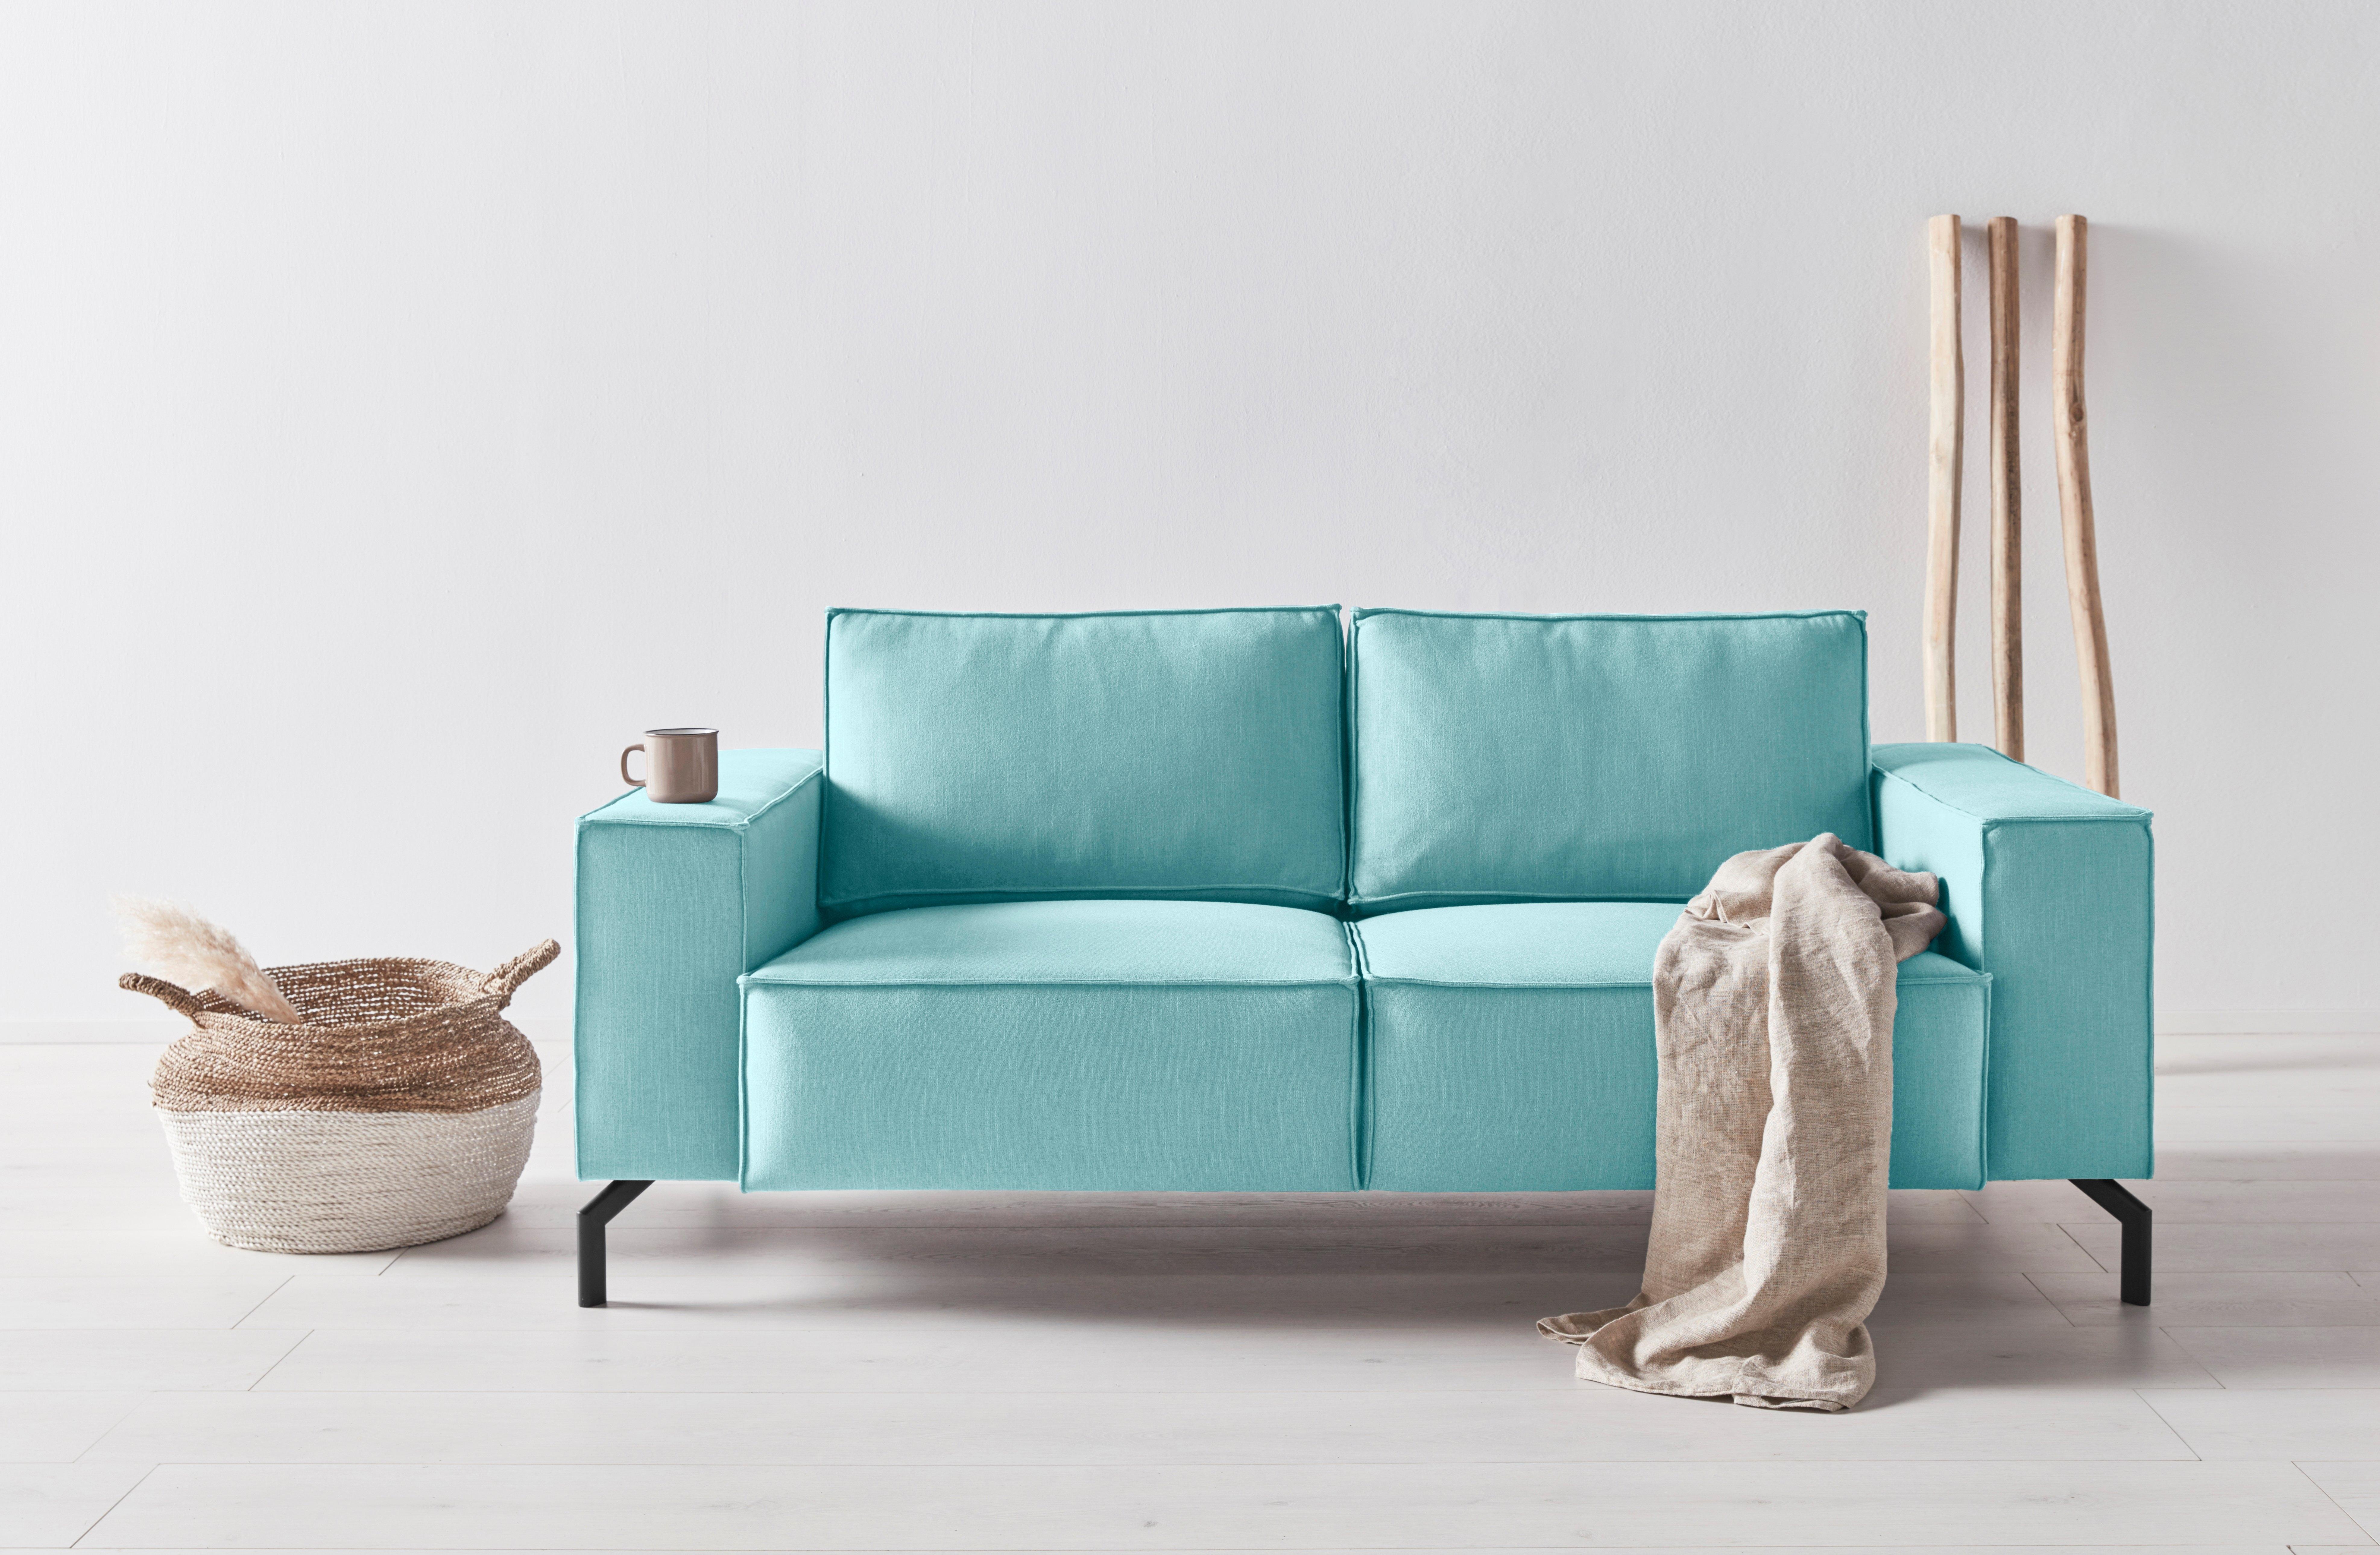 OTTO products 2,5-zitsbank Cilla Zitbreedte 150 cm, naar keuze fijne structuurstof van gerecycled polyester of duurzaam premium-leer met olijfbladlooiing nu online bestellen